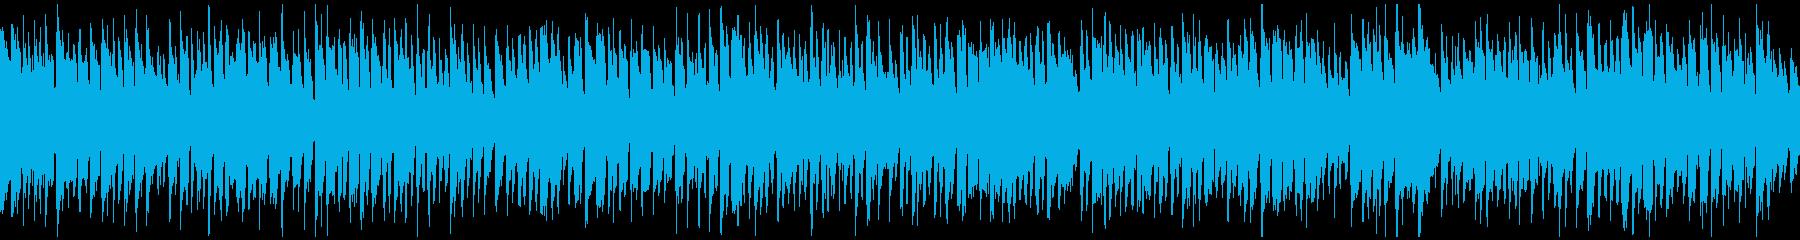 ウキウキ陽気で元気なリコーダー※ループ版の再生済みの波形